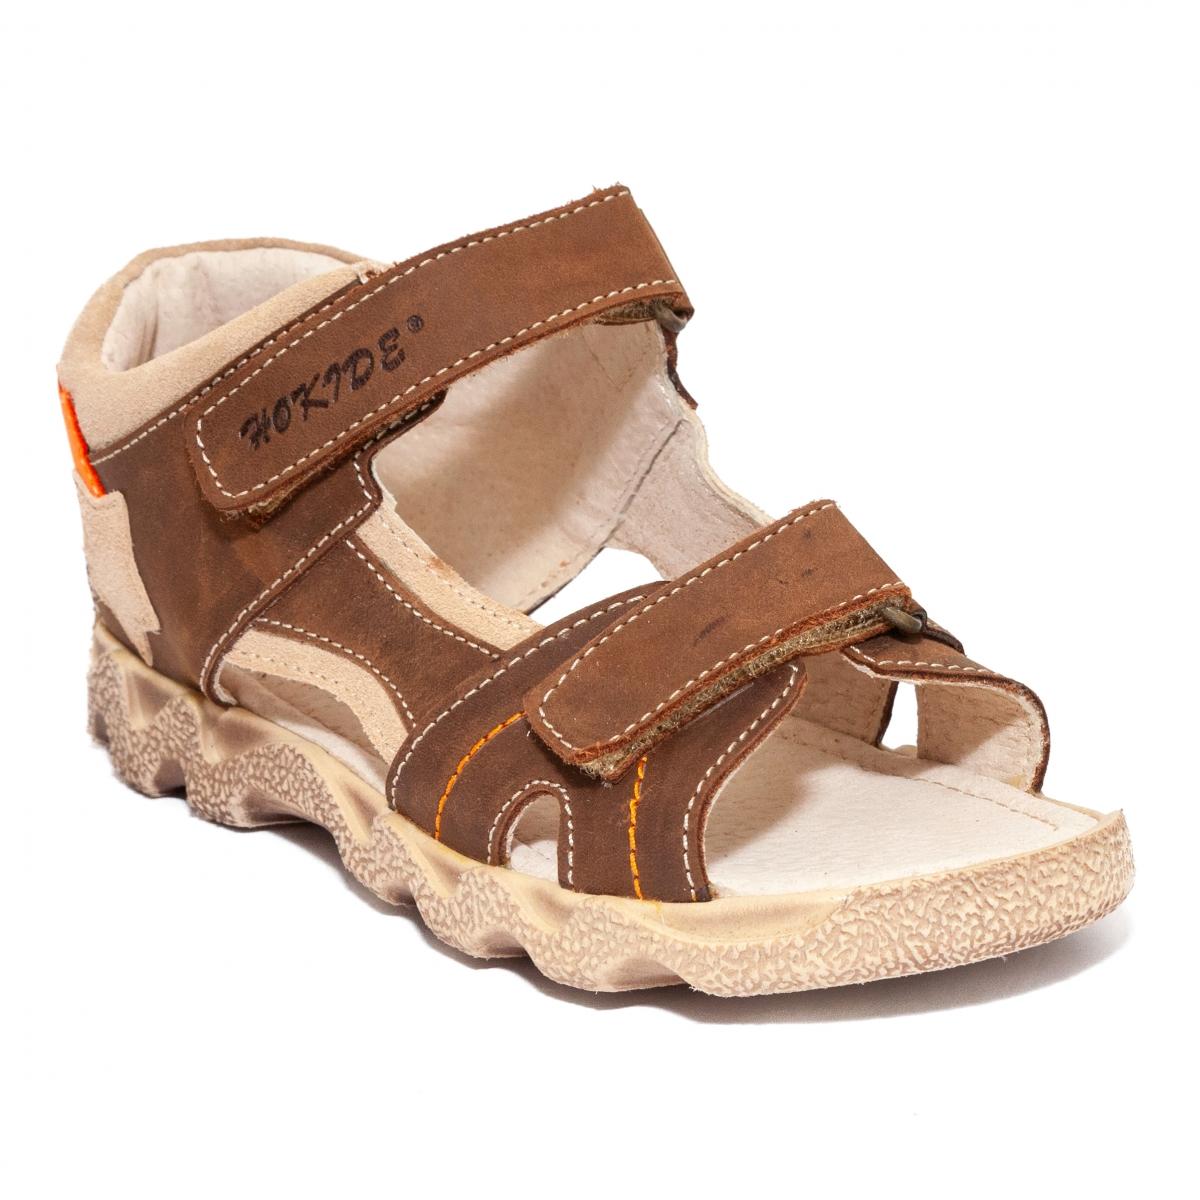 Sandale copii hokide 358 gri 20-35